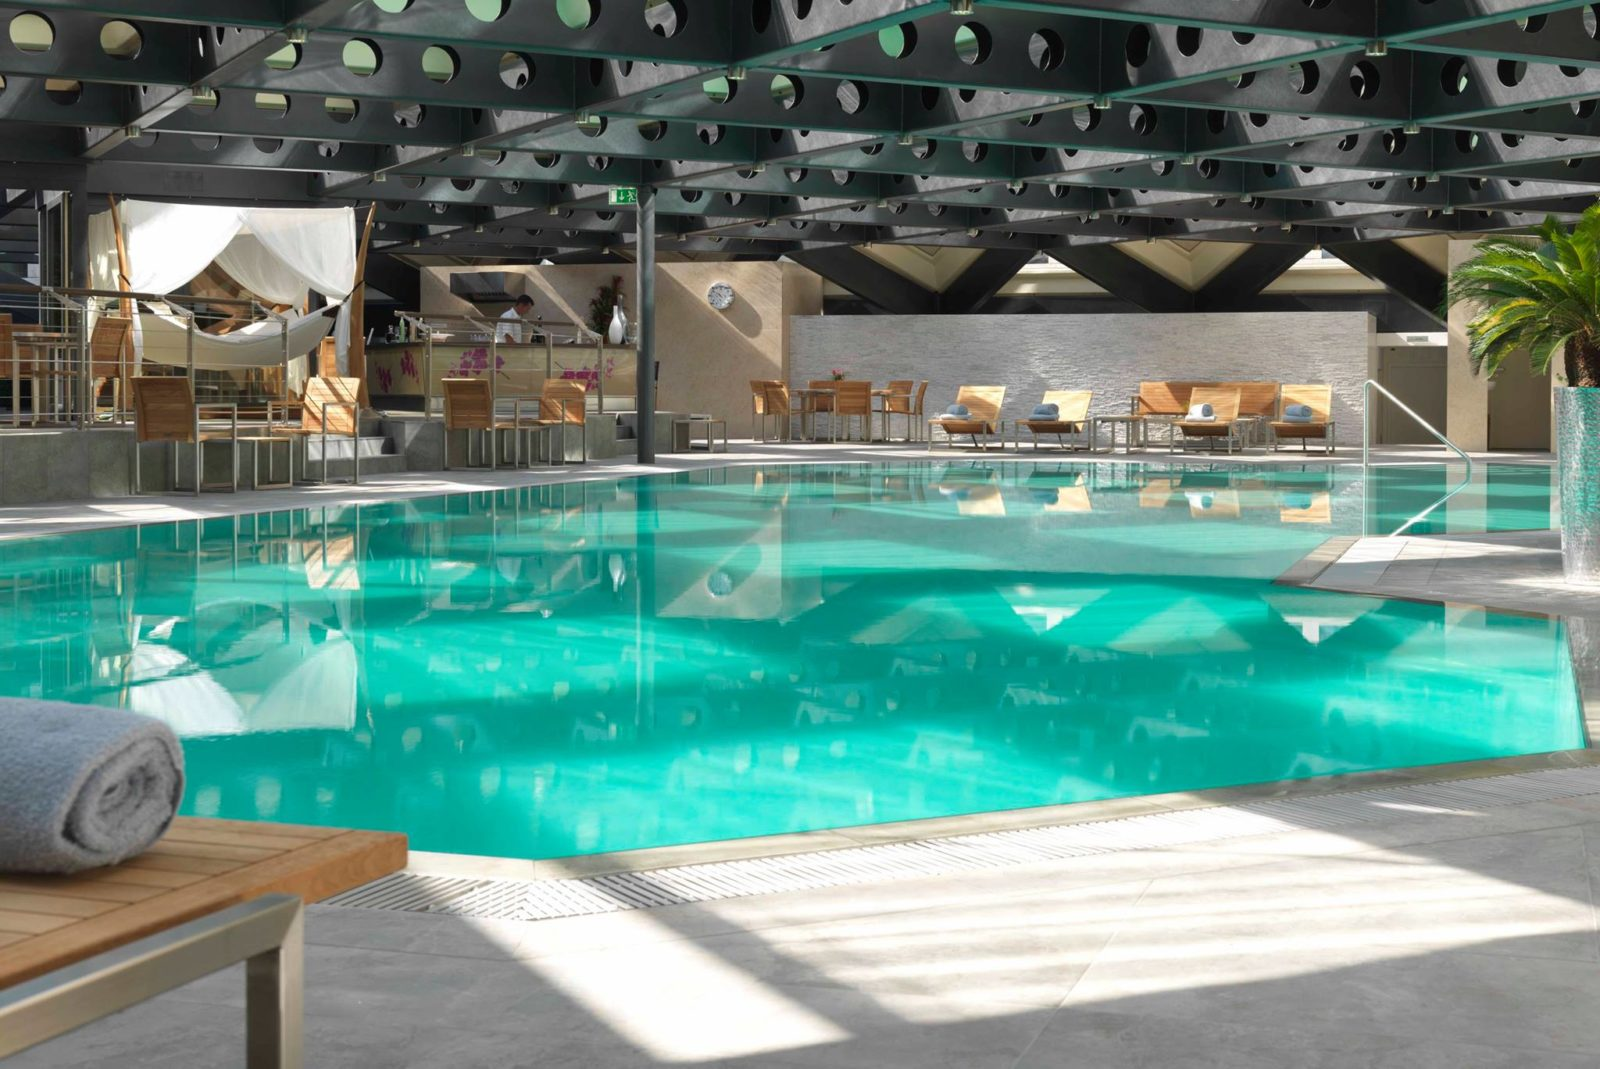 Spa Valmont Grand Hotel Kempinski (c)Spa Valmont Grand Hotel Kempinski (Facebook),L'été est arrivé! Et avec ça, le besoin de ressourcer son corps et son esprit se fait naturellement de plus en plus ardent. Sculpter sa silhouette, libérer le corps de ses toxines, refléter sa beauté intérieure, c'est dans cet esprit de renaissance que le Spa Valmont du Grand Hotel Kempinski, en collaboration avec les thés Wandertea de la célèbre it-girl Caroline Receveur, propose une cure détoxifiante dite Detox my Beauty où raffinement, bien-être et sur-mesure sont les maîtres-mots de cette expérience inédite. Close-up sur les soins proposés pour devenir fit et vite!, par melissa n'dila, go out magazine